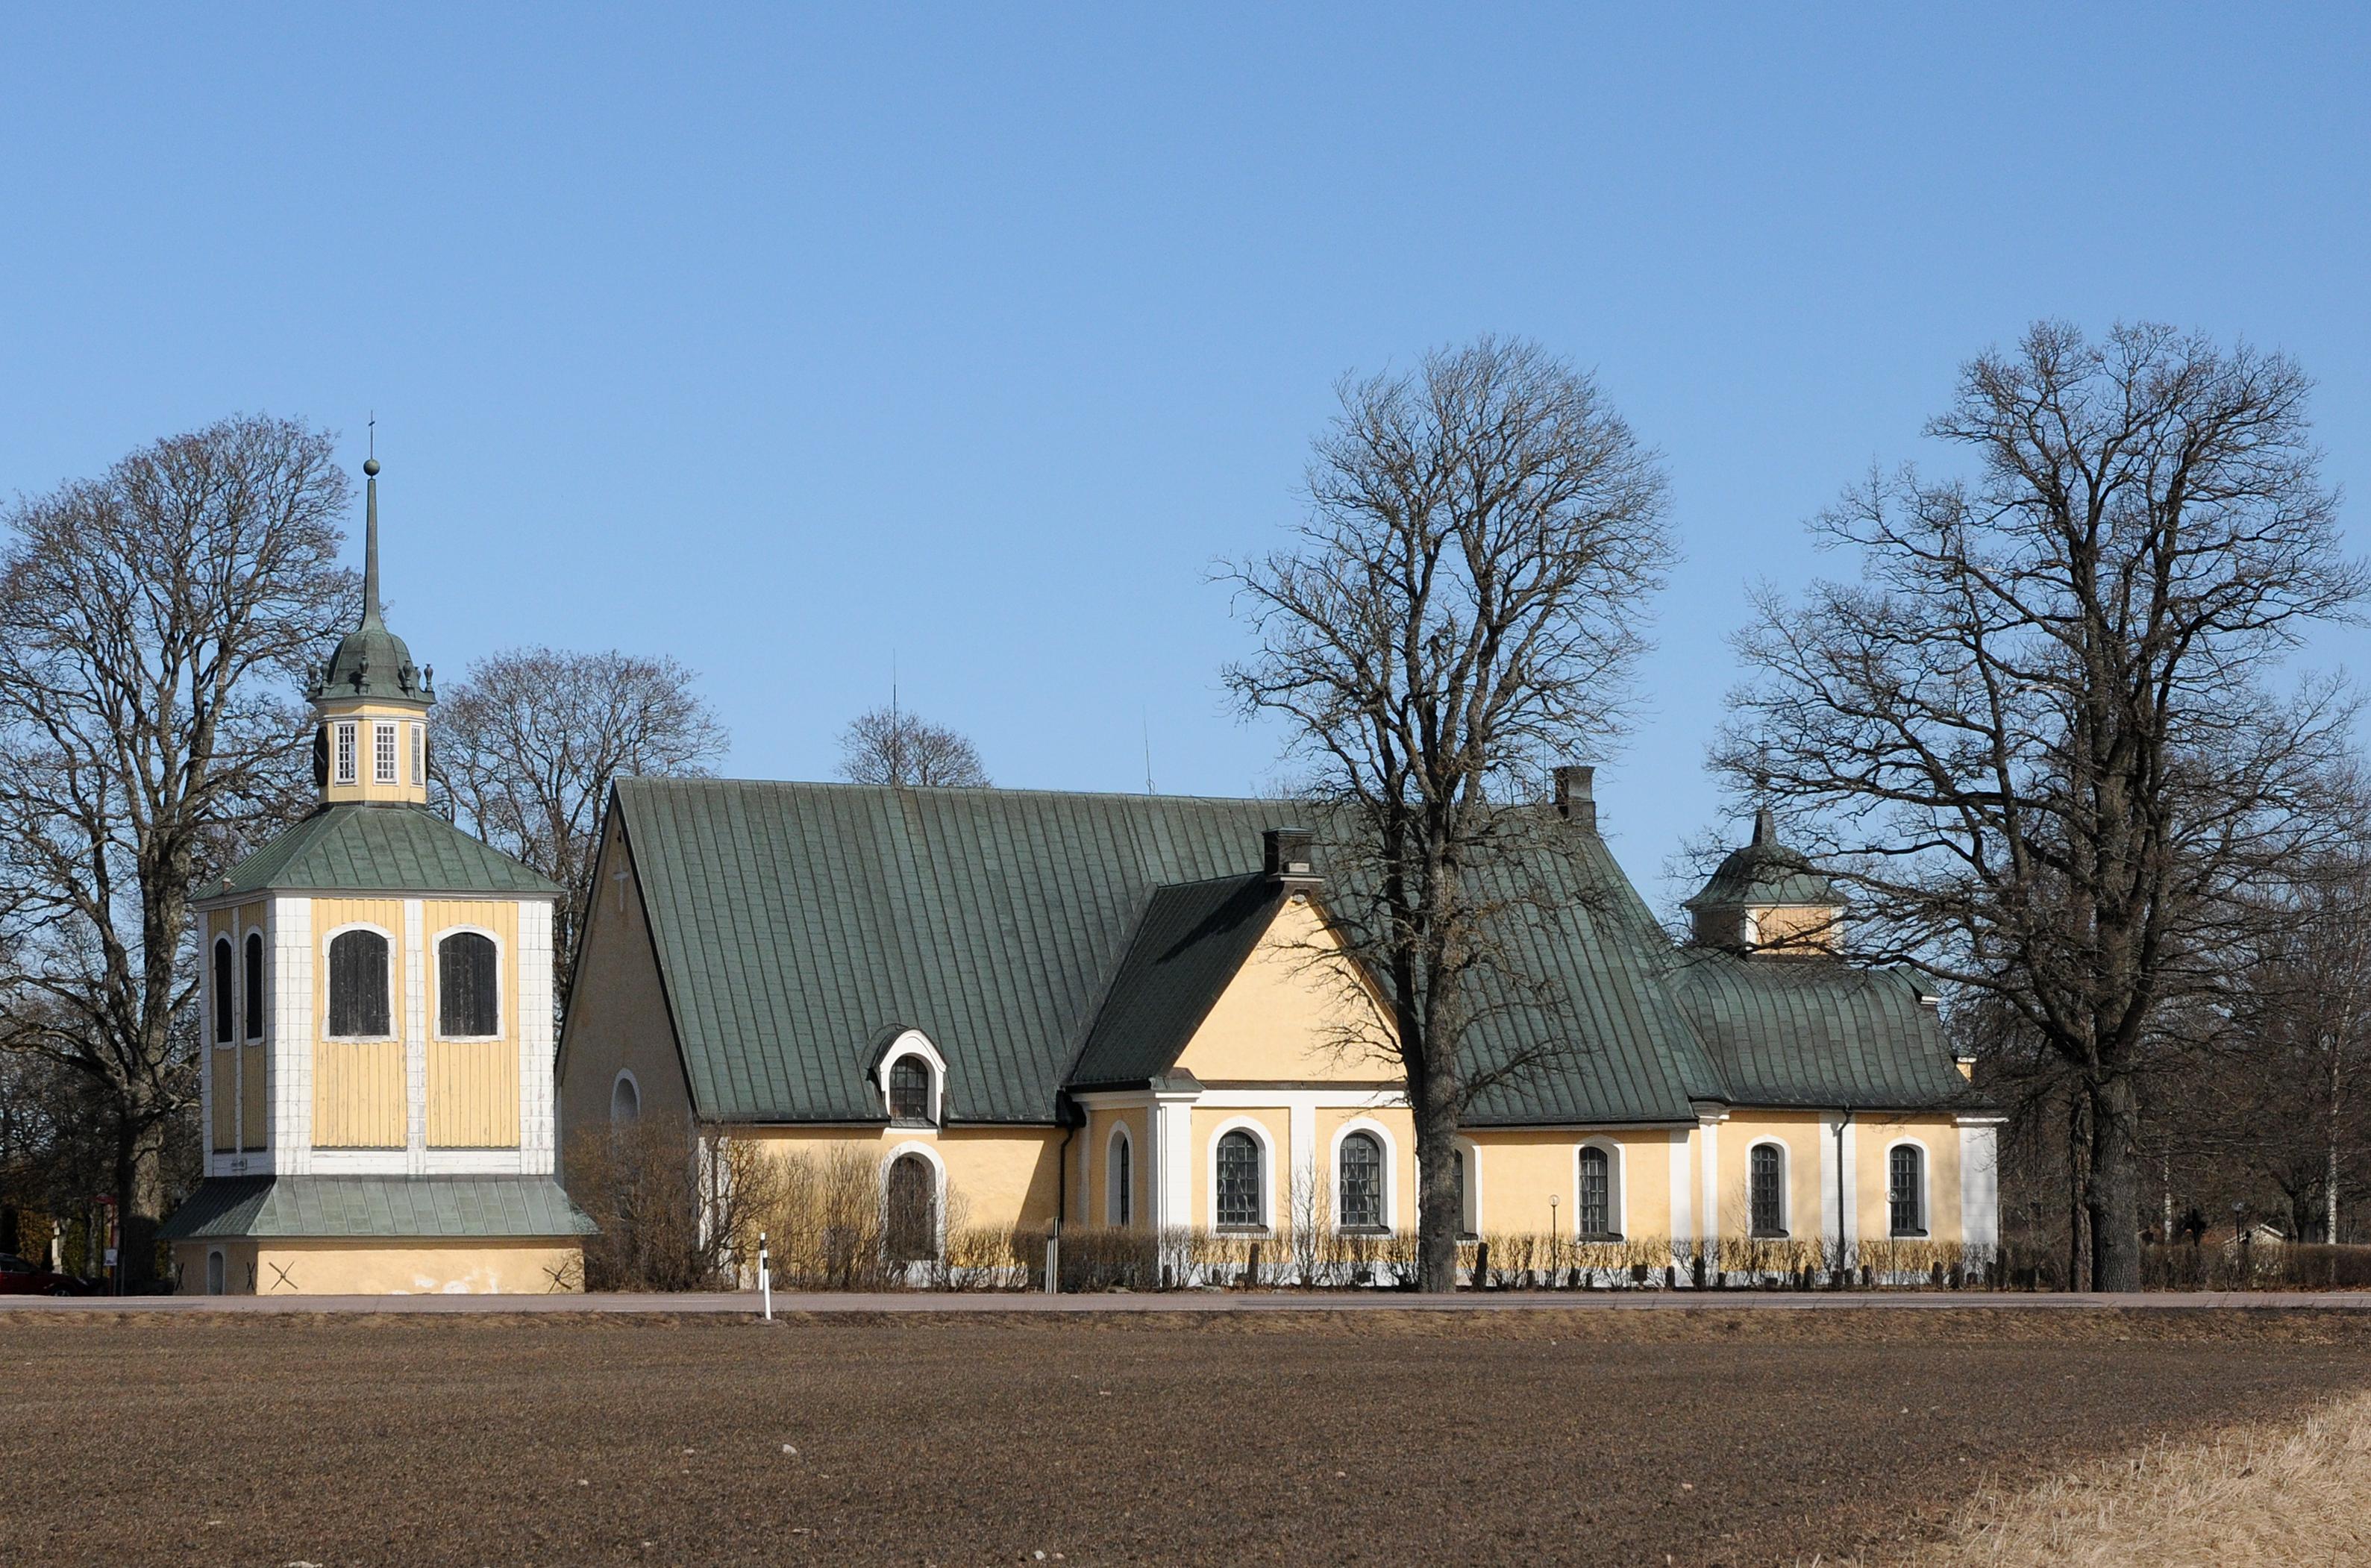 Vid Valla och Stenta i Stora Malm - Stiftelsen Kulturmiljvrd